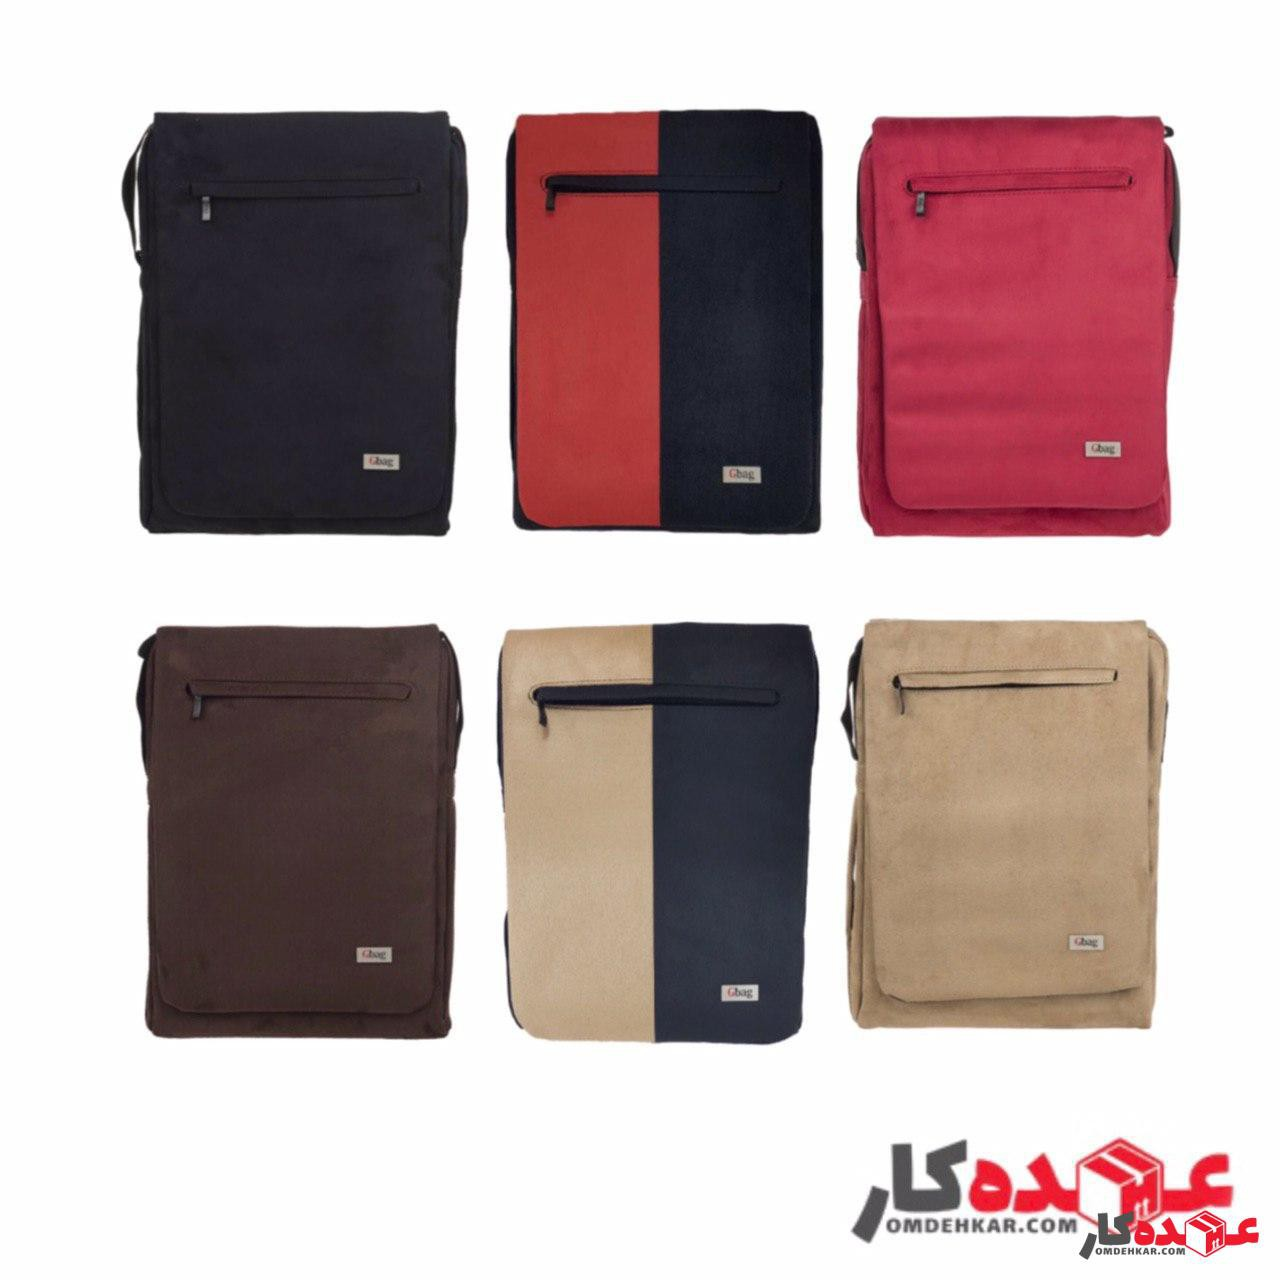 کیف سه کاره اشبالت G-bag